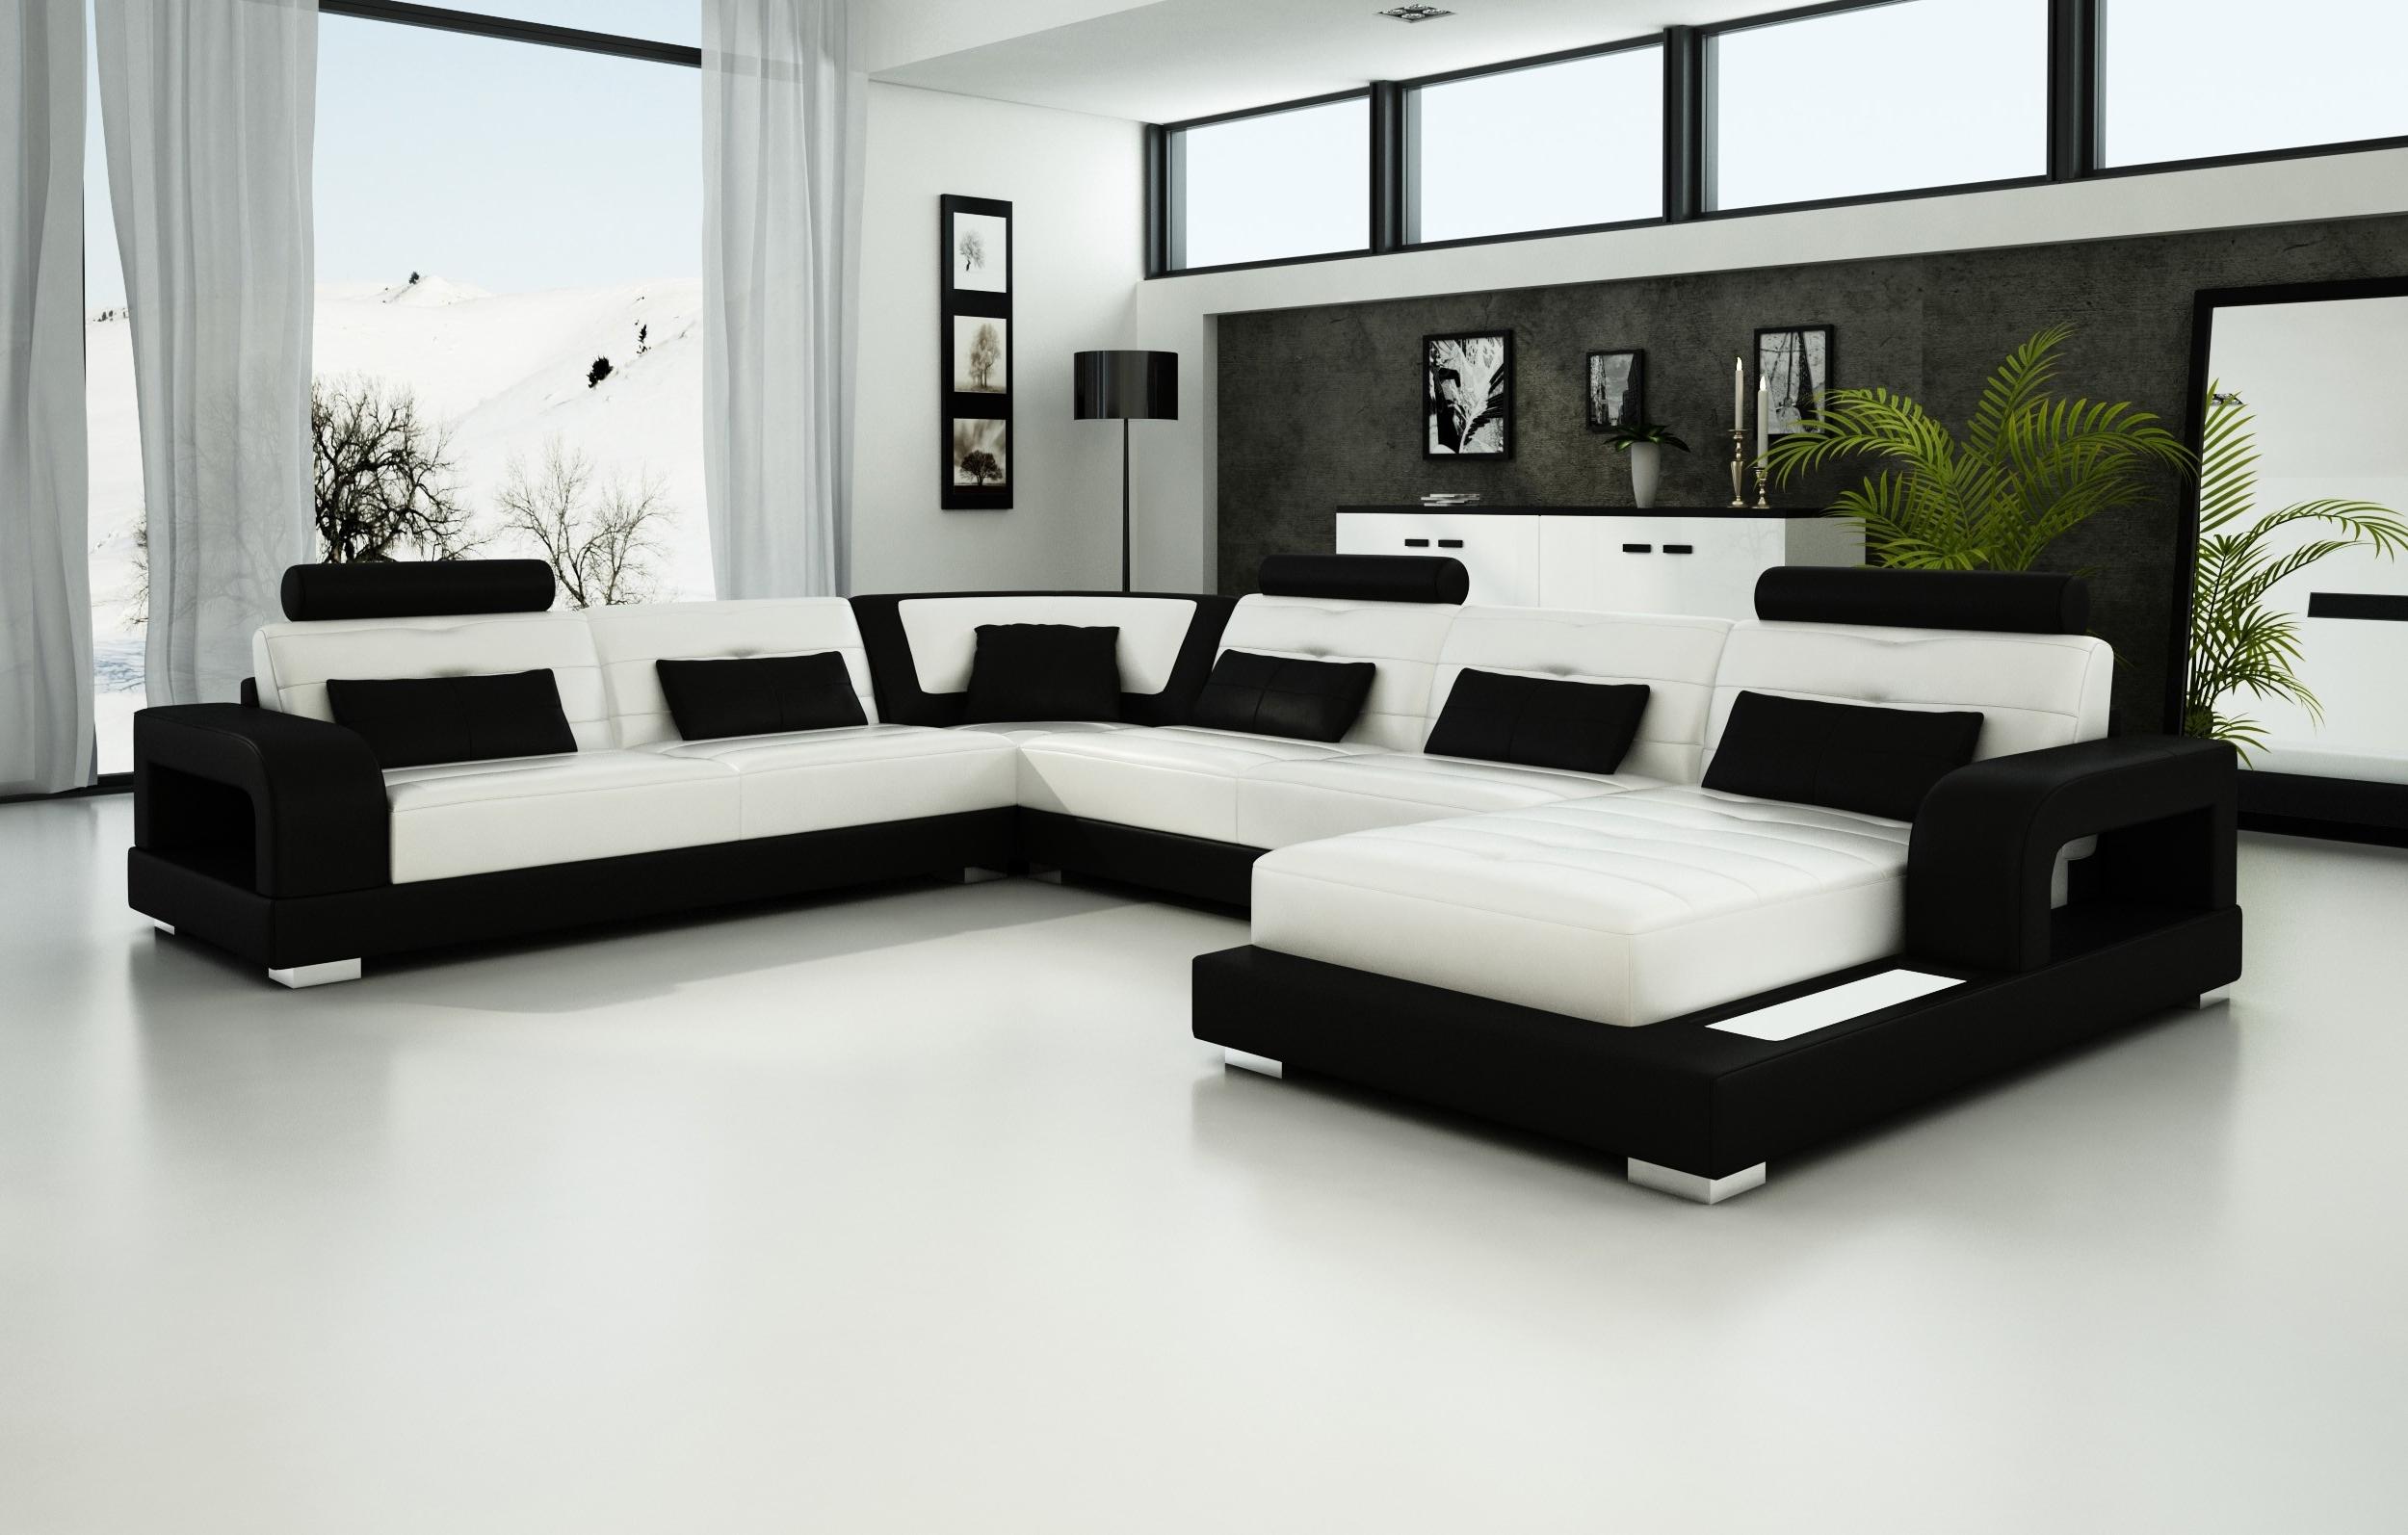 Popular Black And White Sofas Pertaining To Olympian Sofas Pesaro White Black Leather Sofa – Sectional Sofas (View 2 of 15)